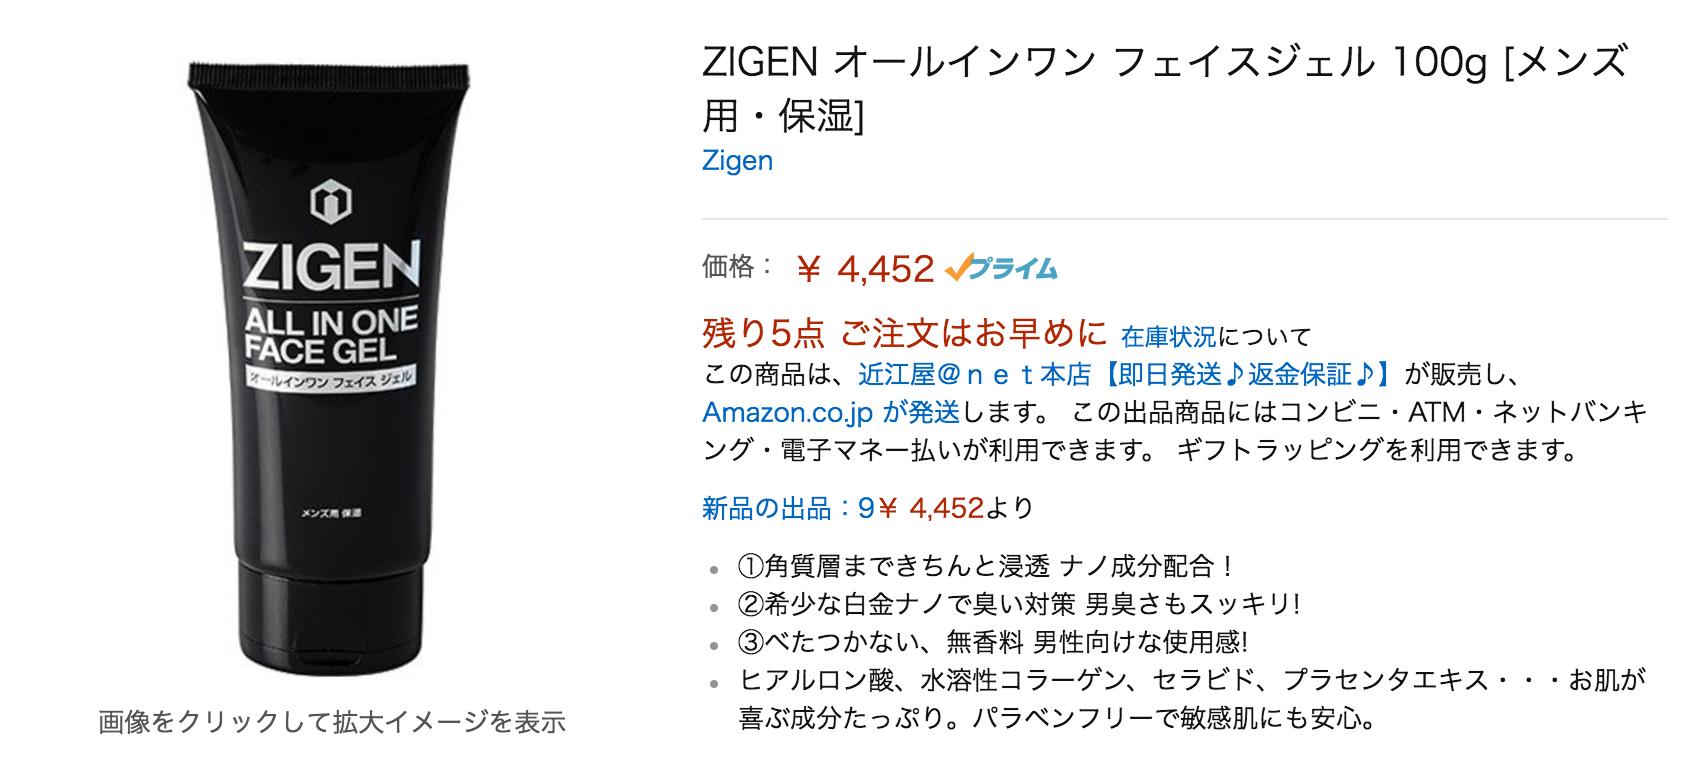 zigen_buy_img01